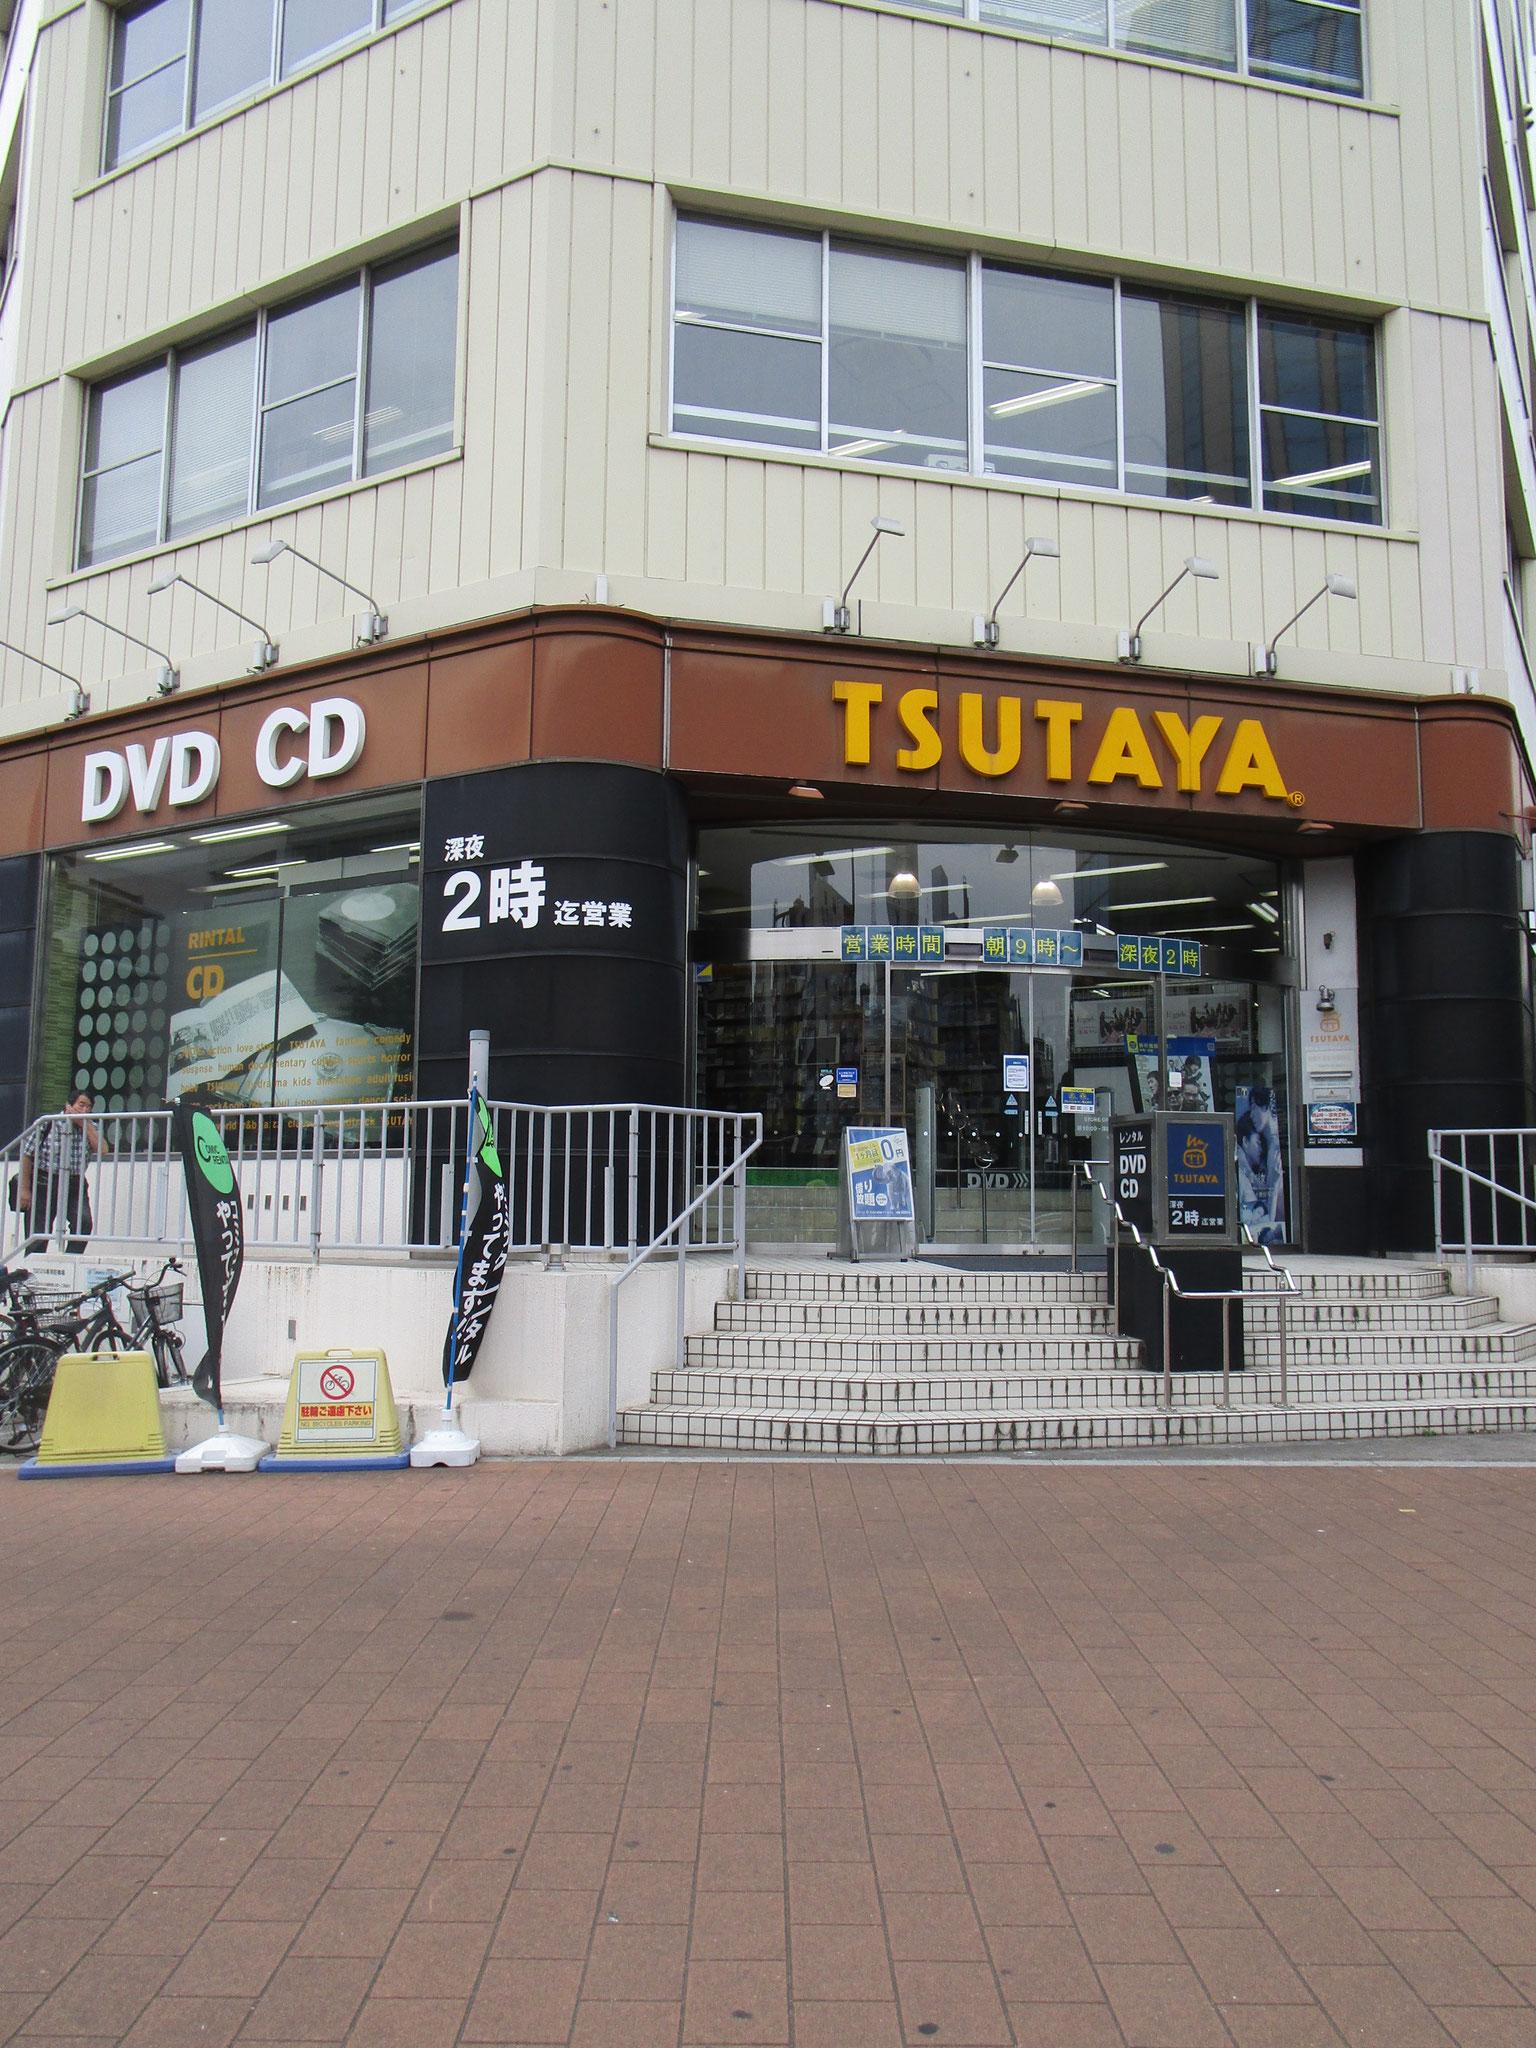 イトーヨーカドーを出て西側(JR大森駅方向)角には「TSUTAYA」